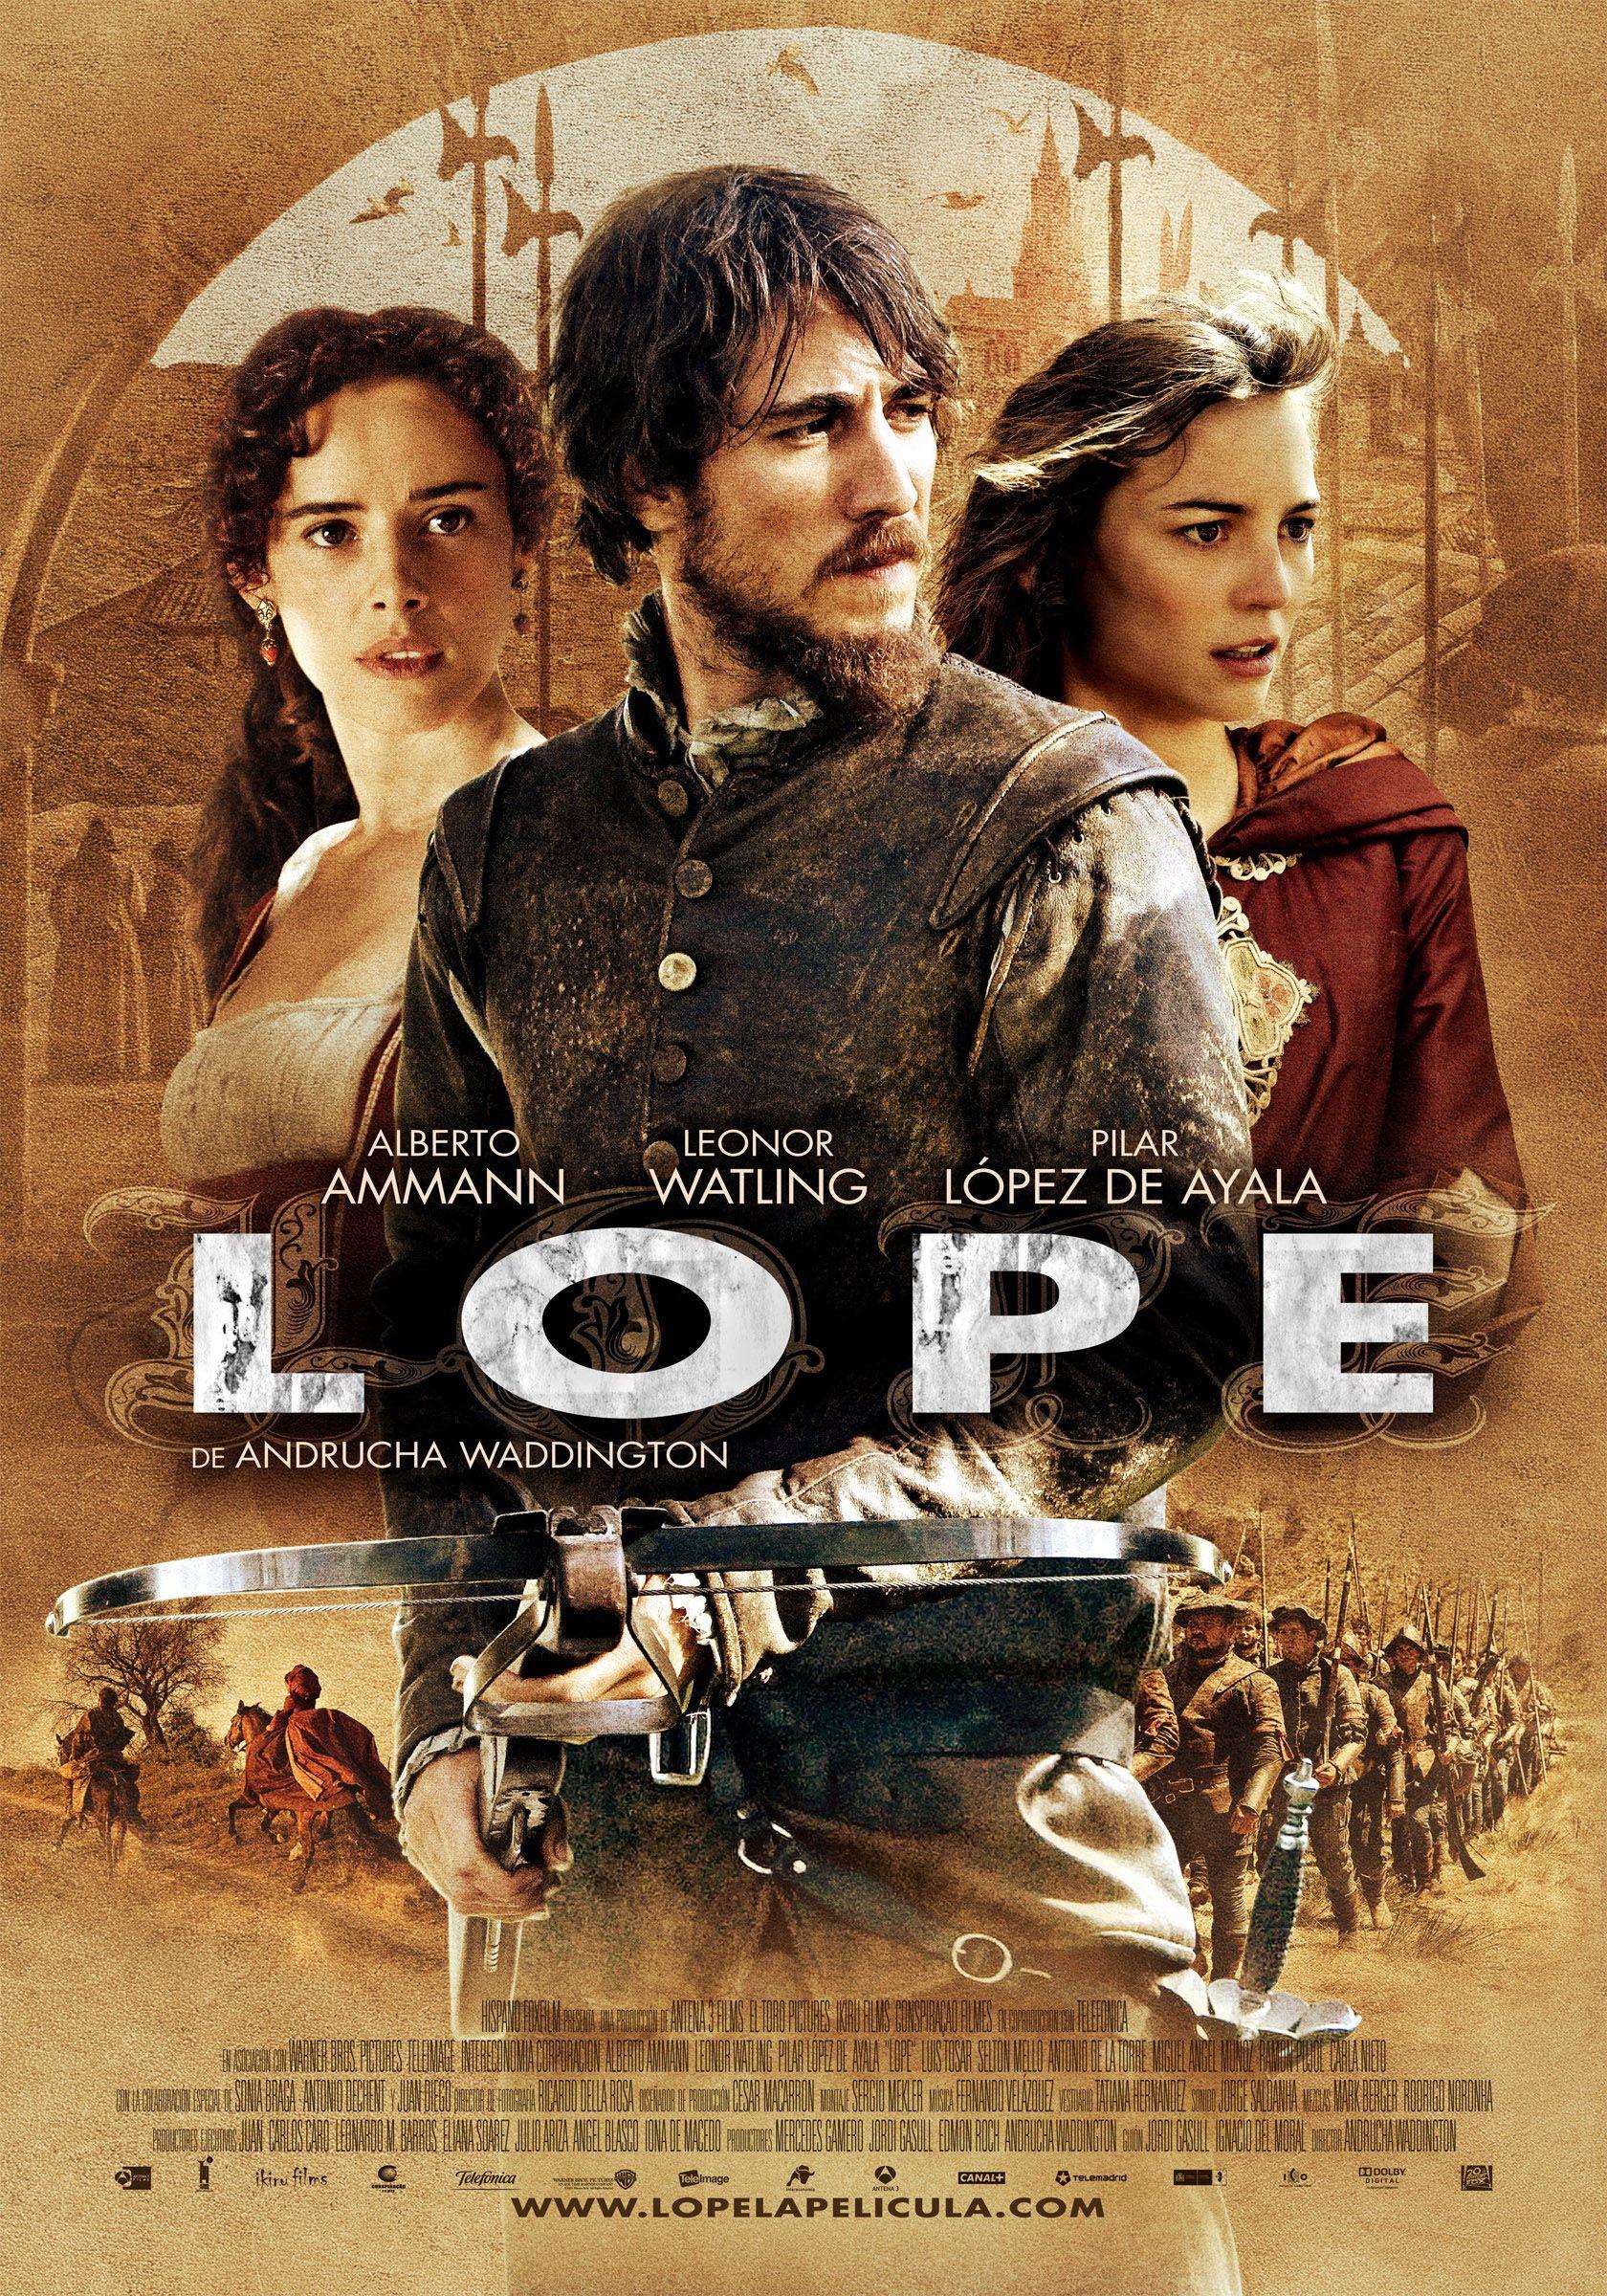 плакат фильма постер Лопе де Вега: Распутник и соблазнитель